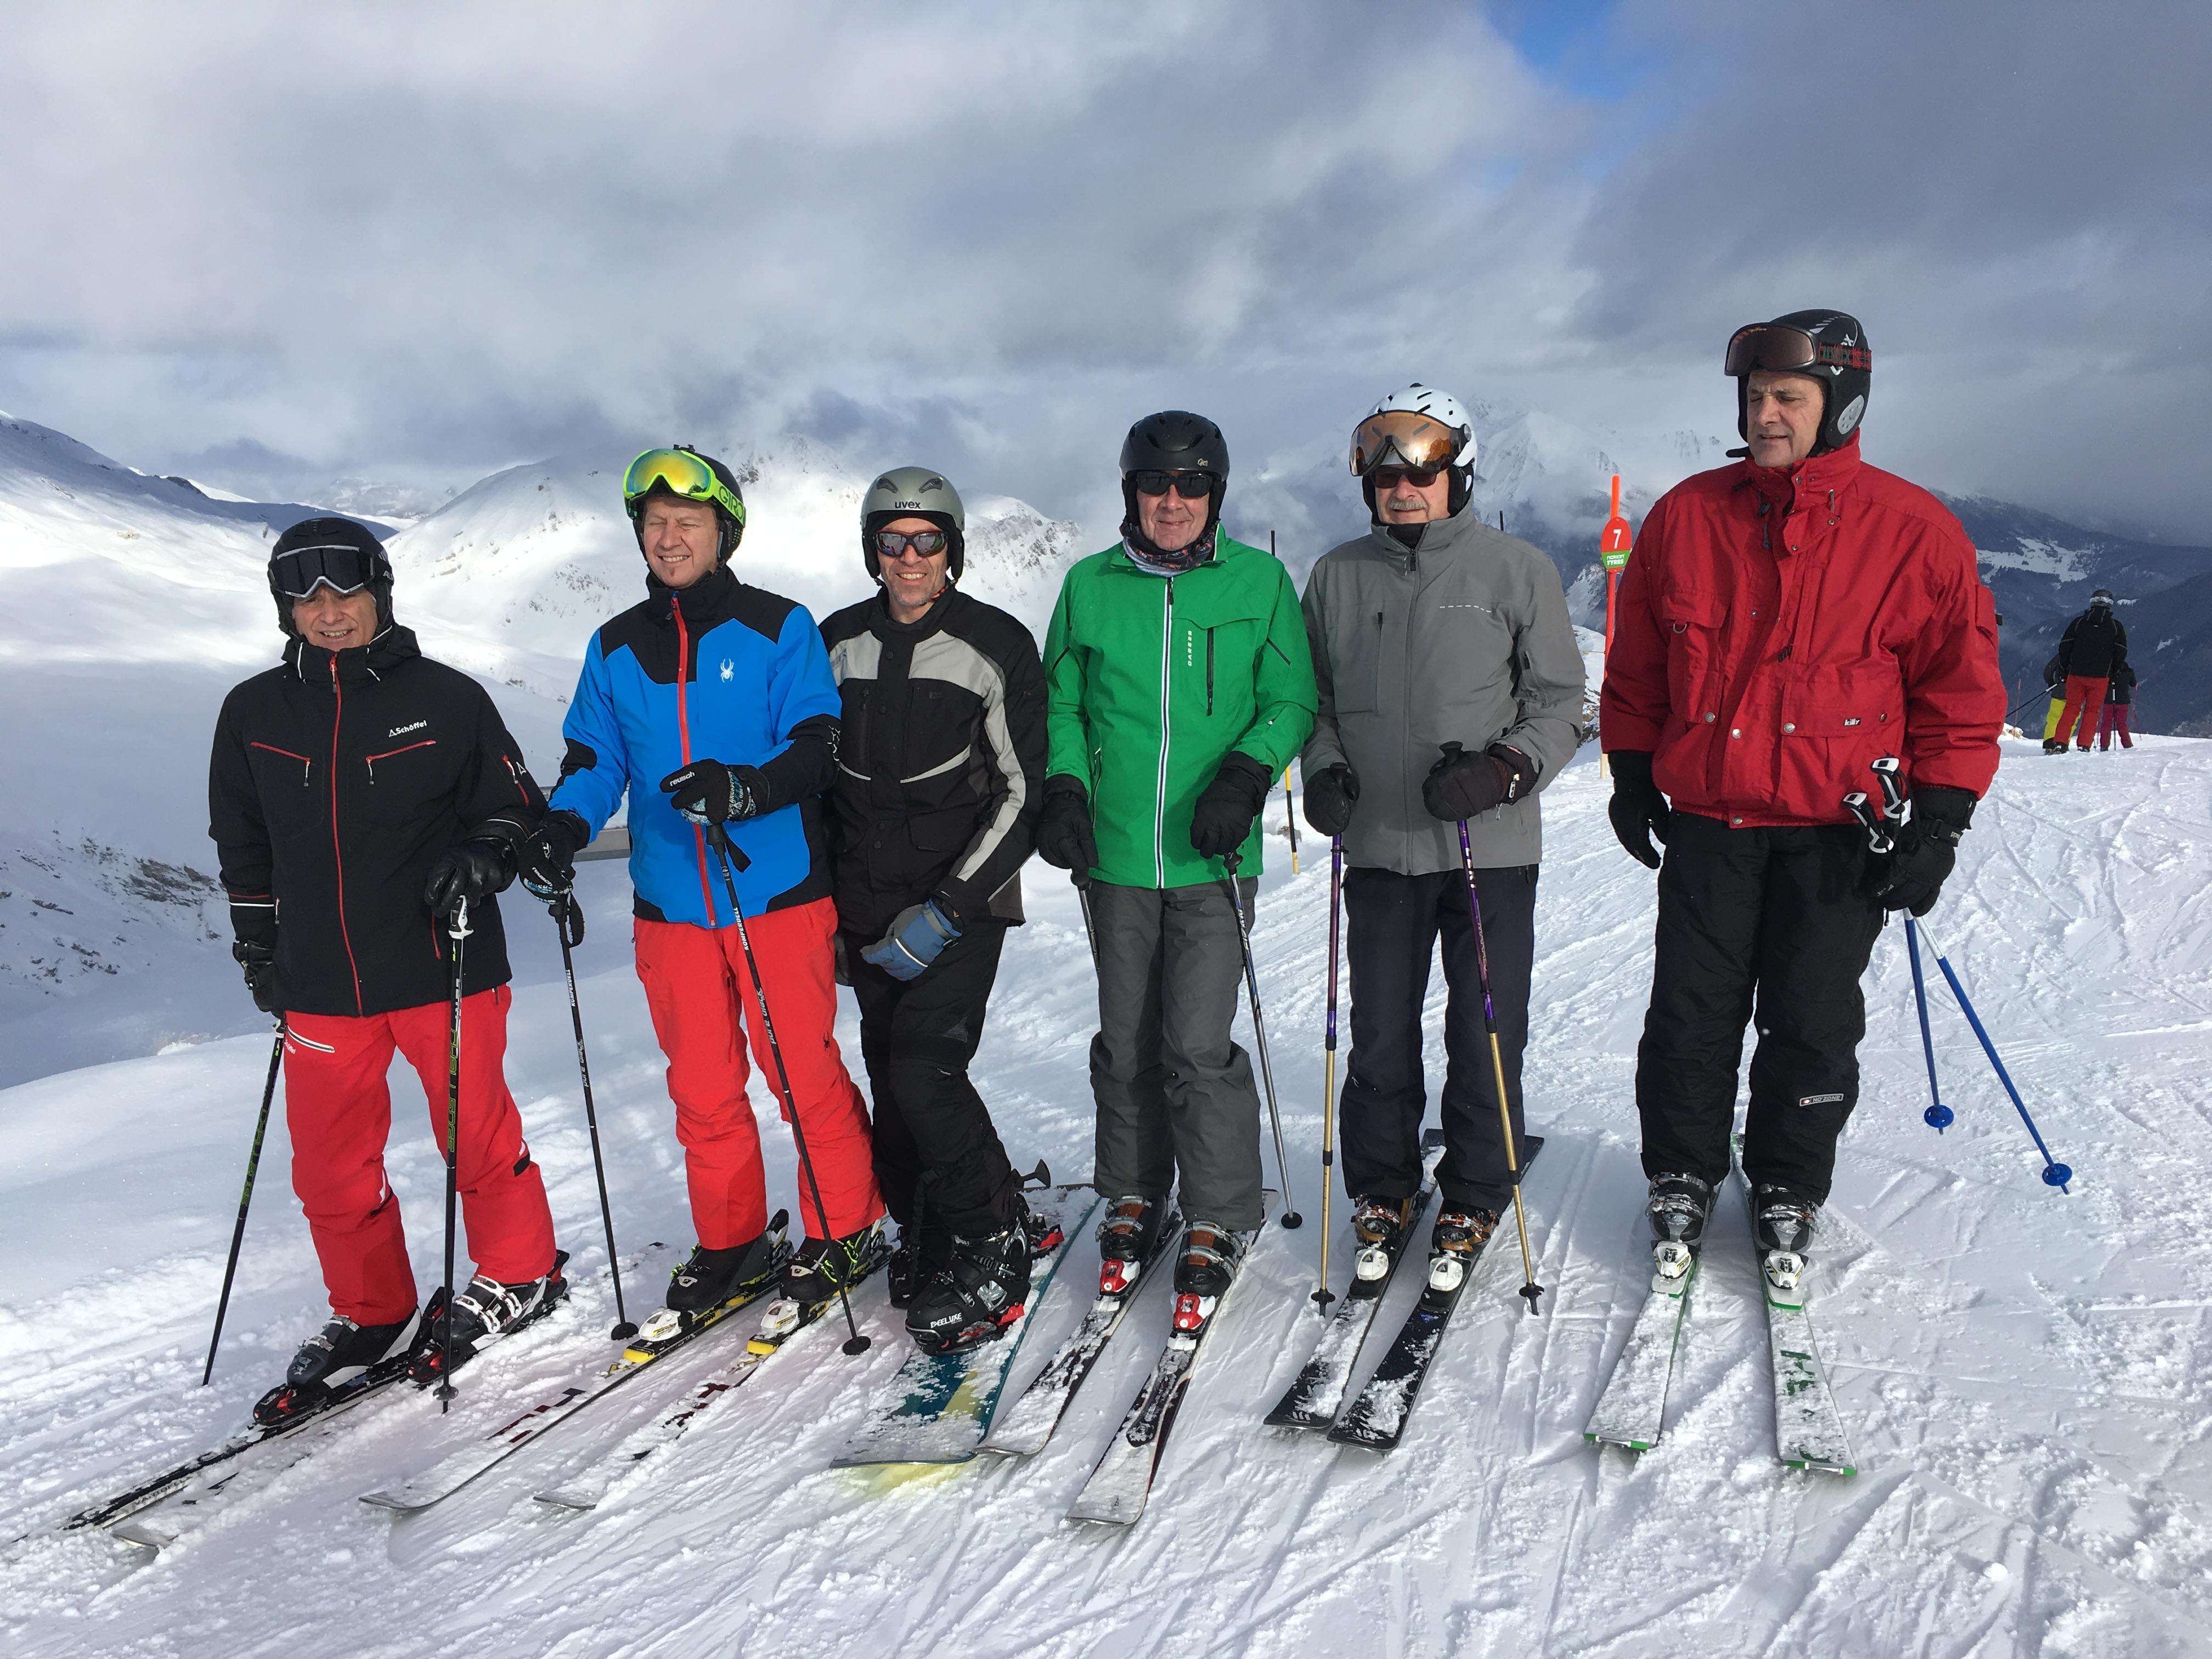 Ski-Weekend 2017 Savognin 16./17. Dez. und Skiwoche La Punt, Diavolezza, Morteratschgletscher,  Febr. 18